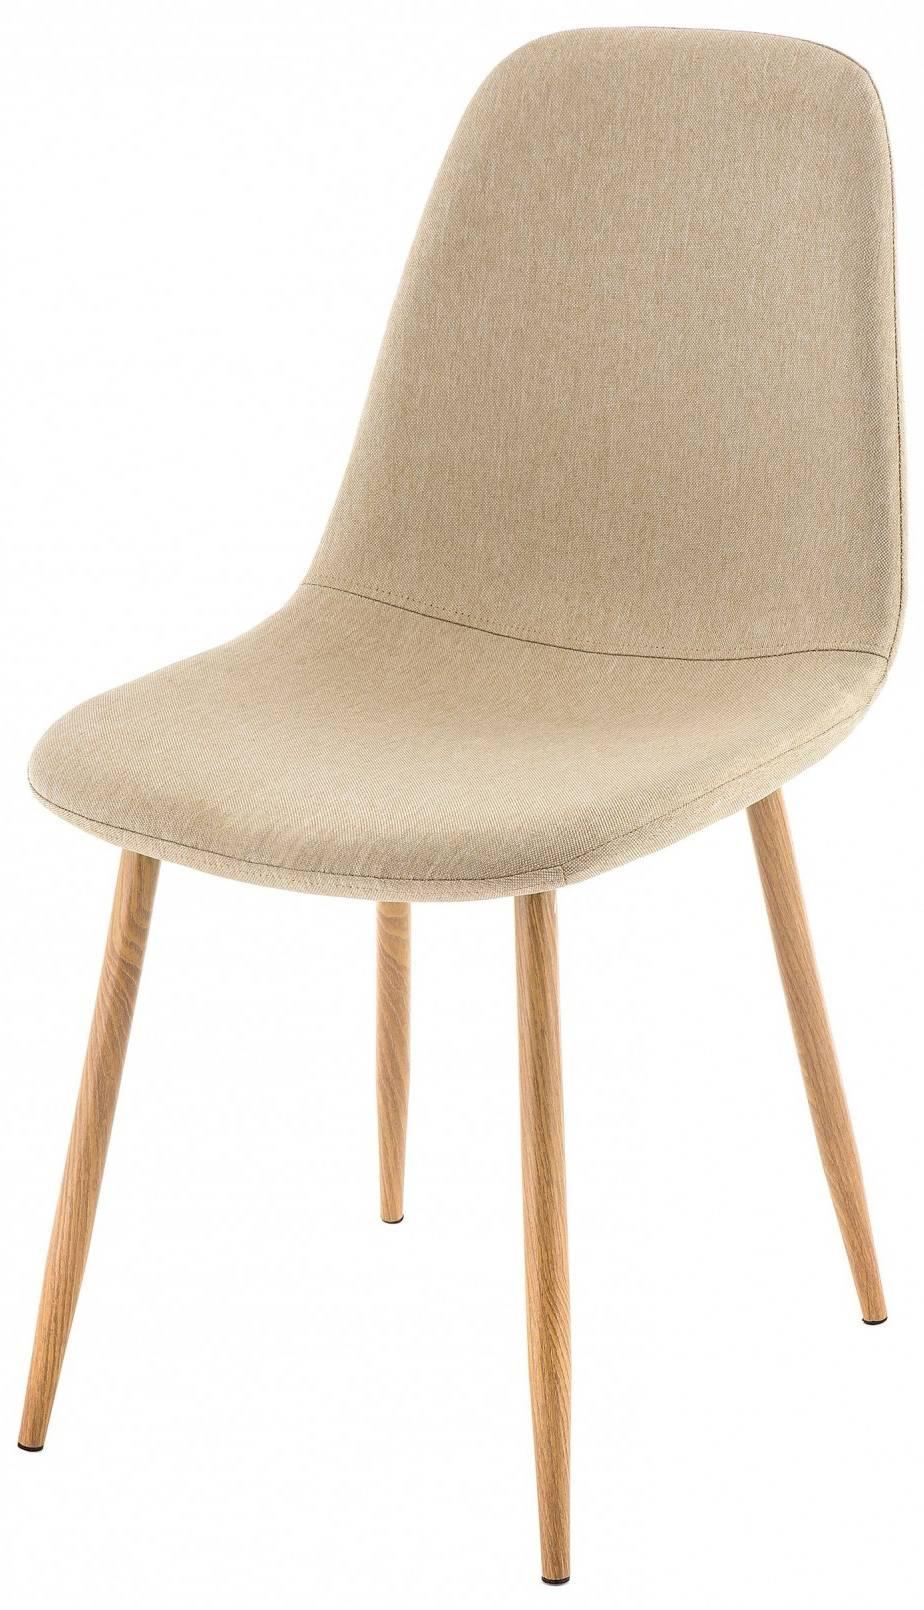 Купить бежевый стул Lily в Raroom